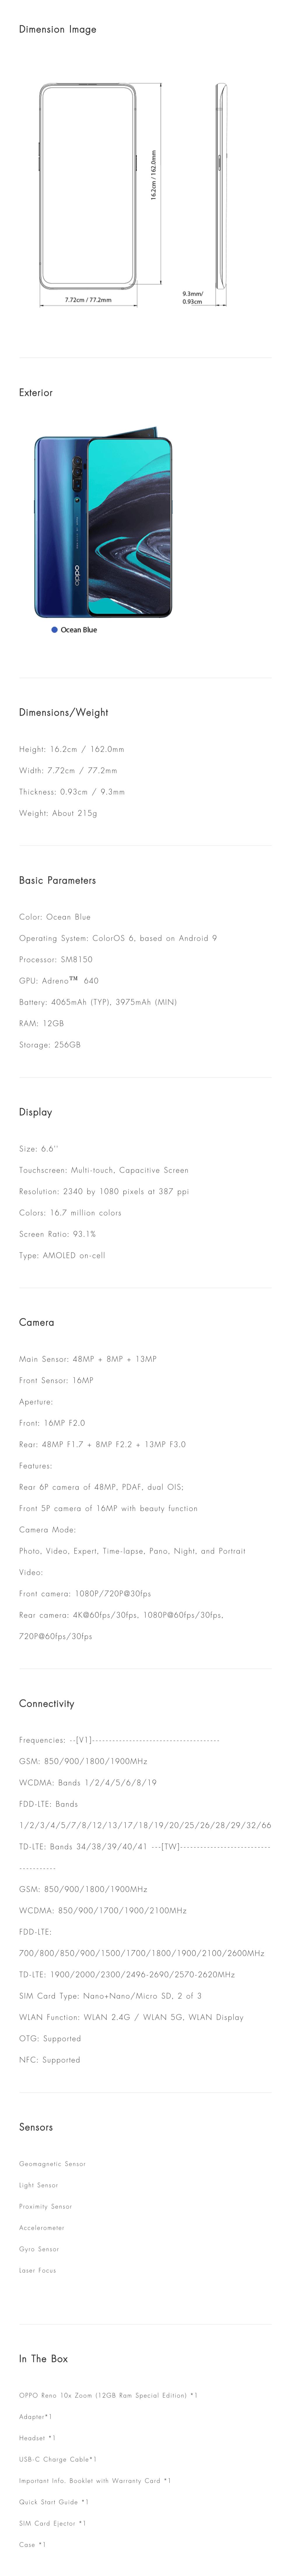 reno-10x-zoom-specs1.png